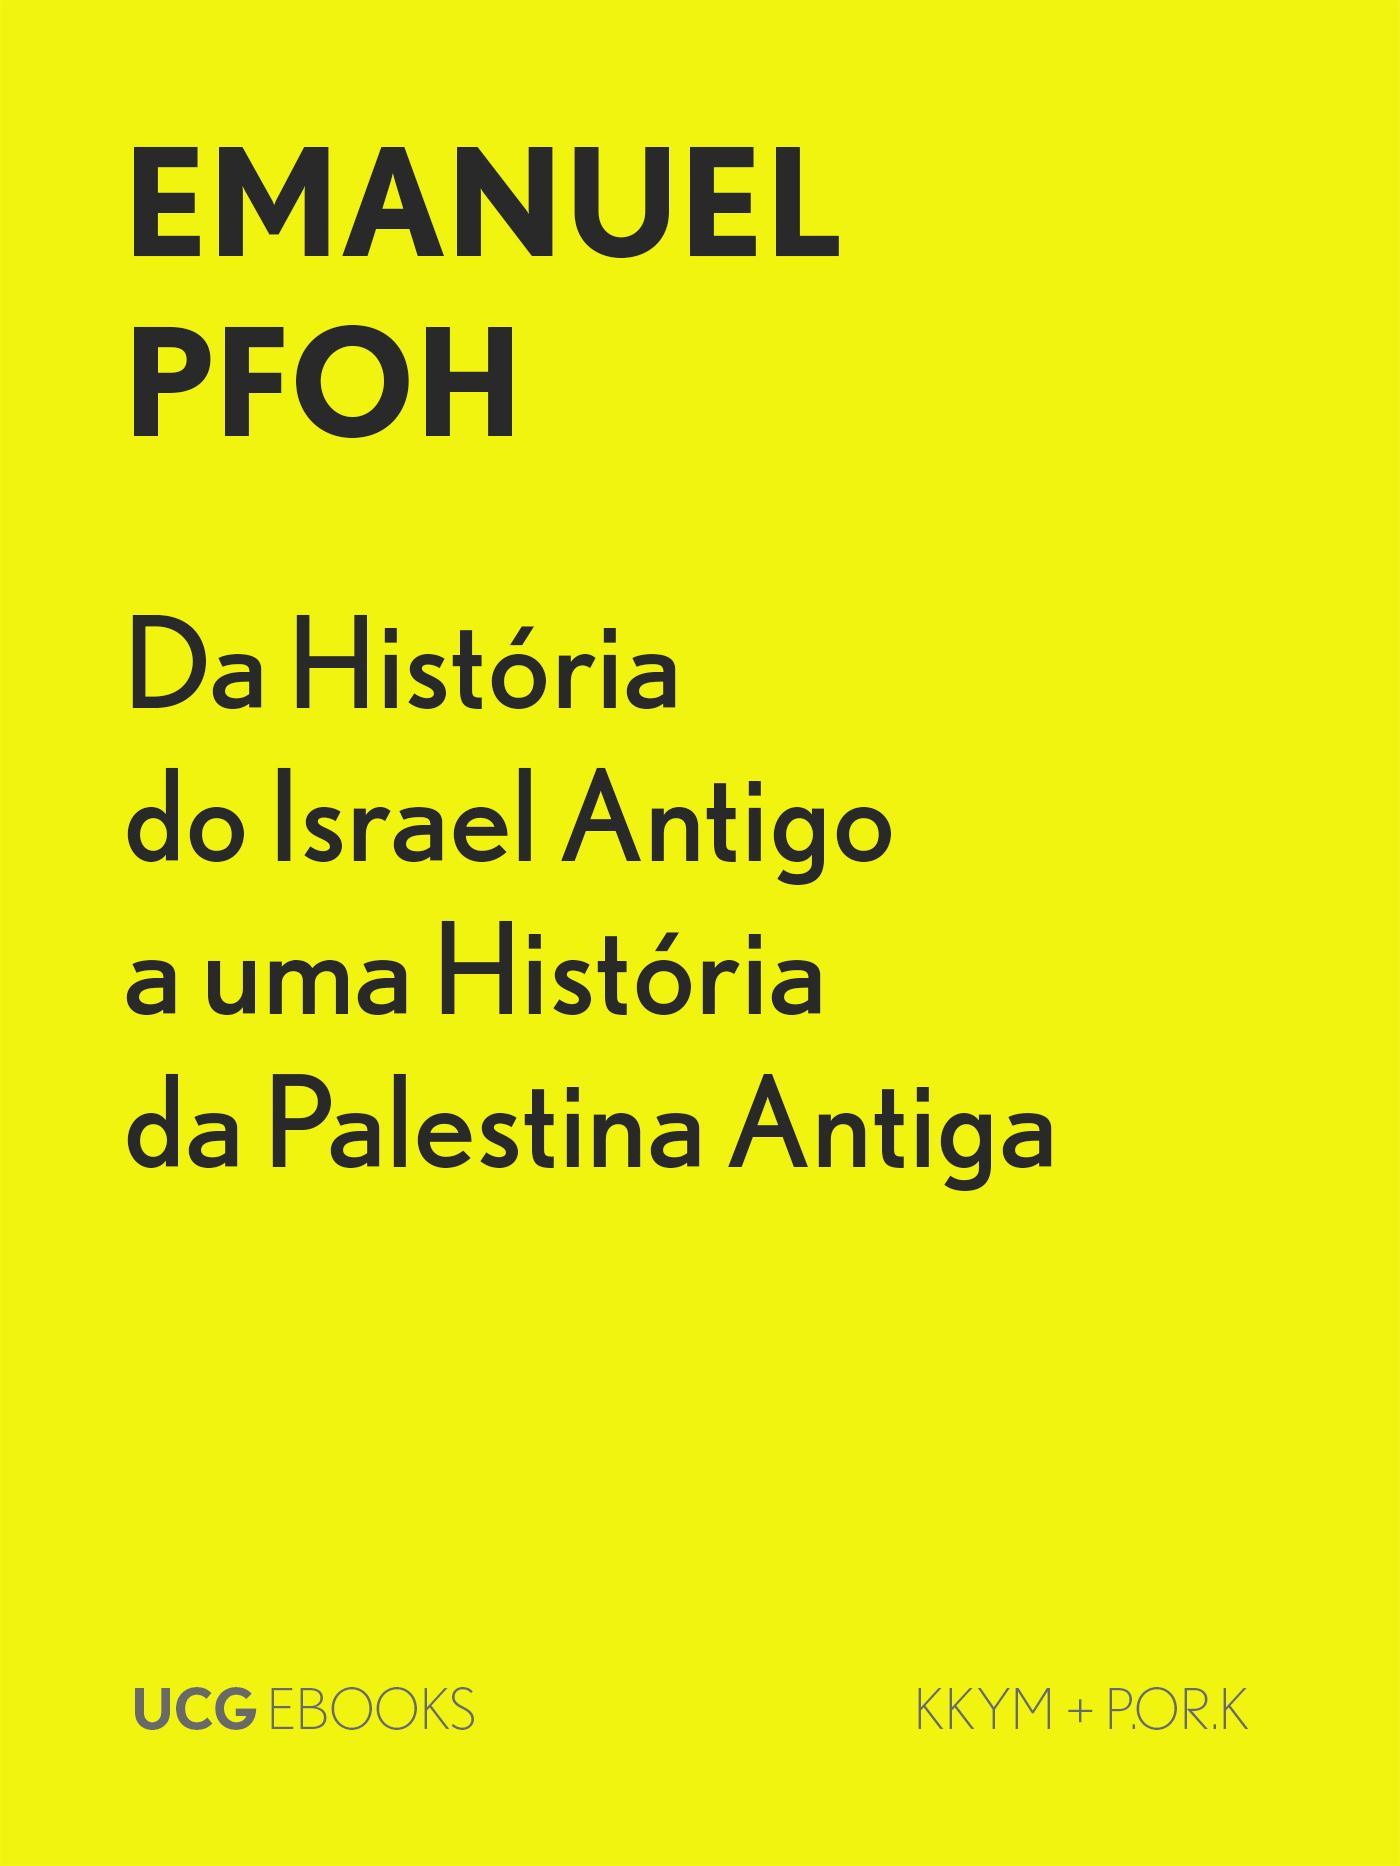 Da História do Israel Antigo a uma História da Palestina Antiga